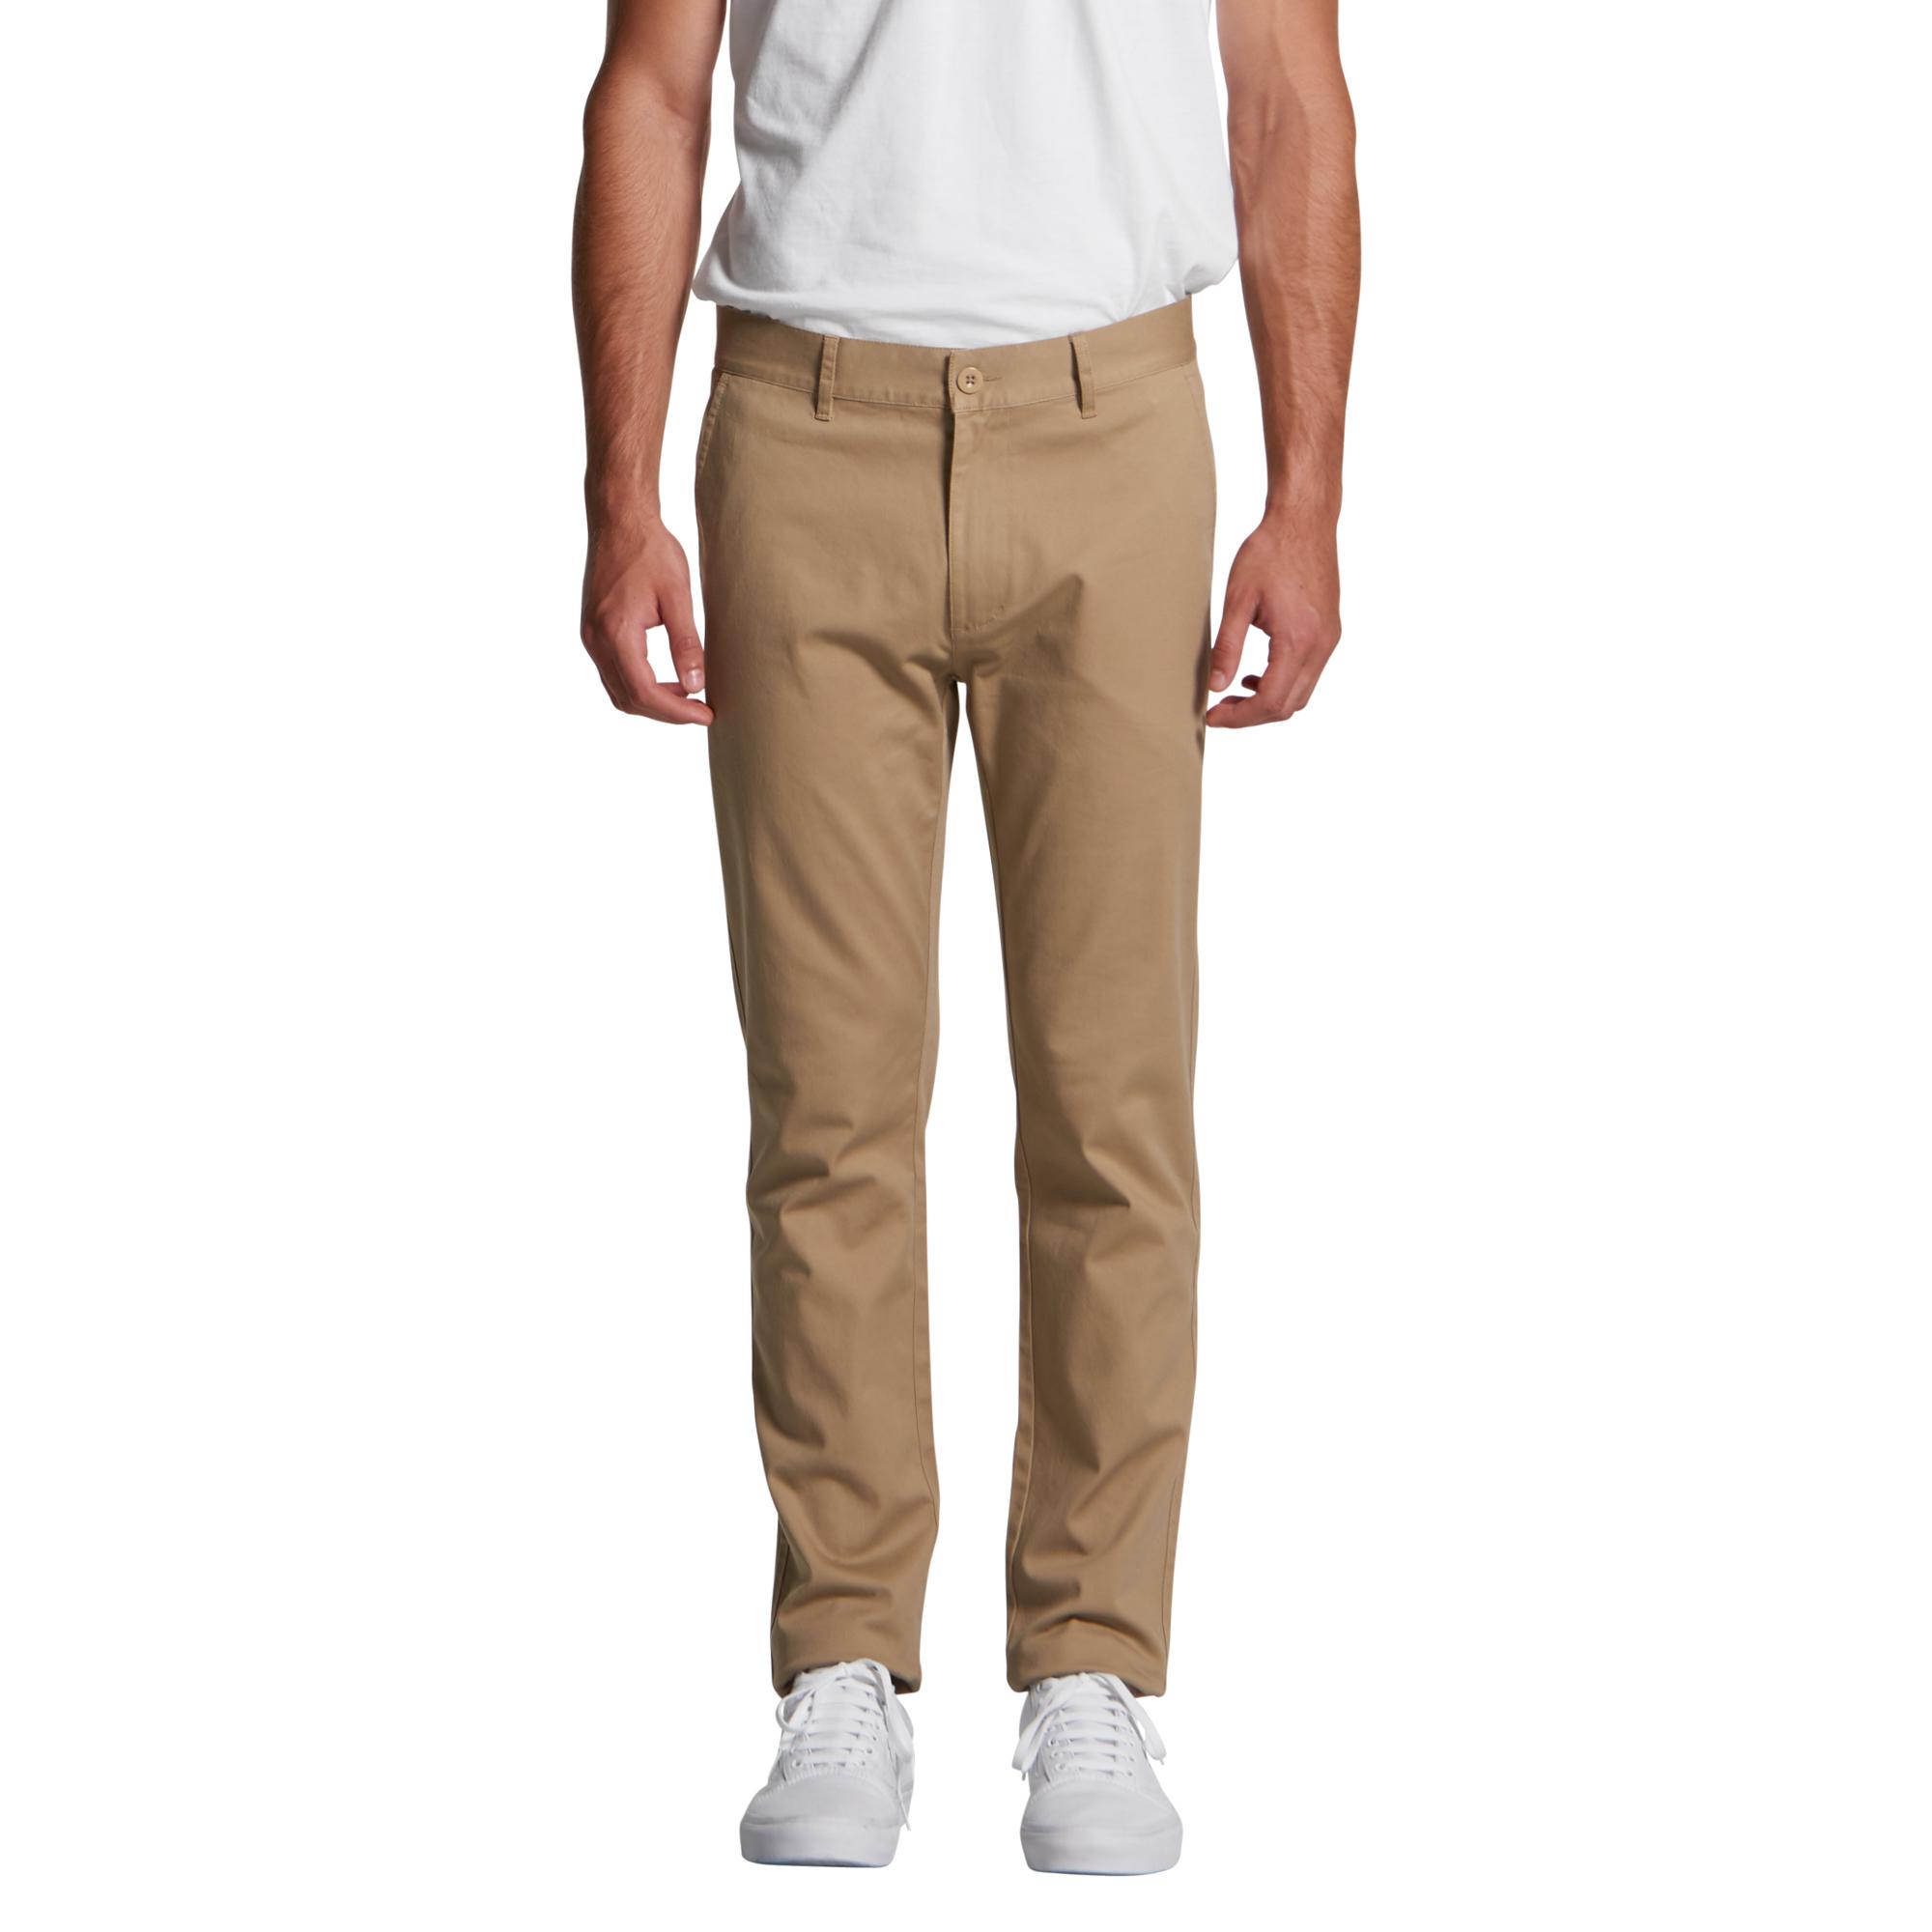 Standard Pants (5901_AS)